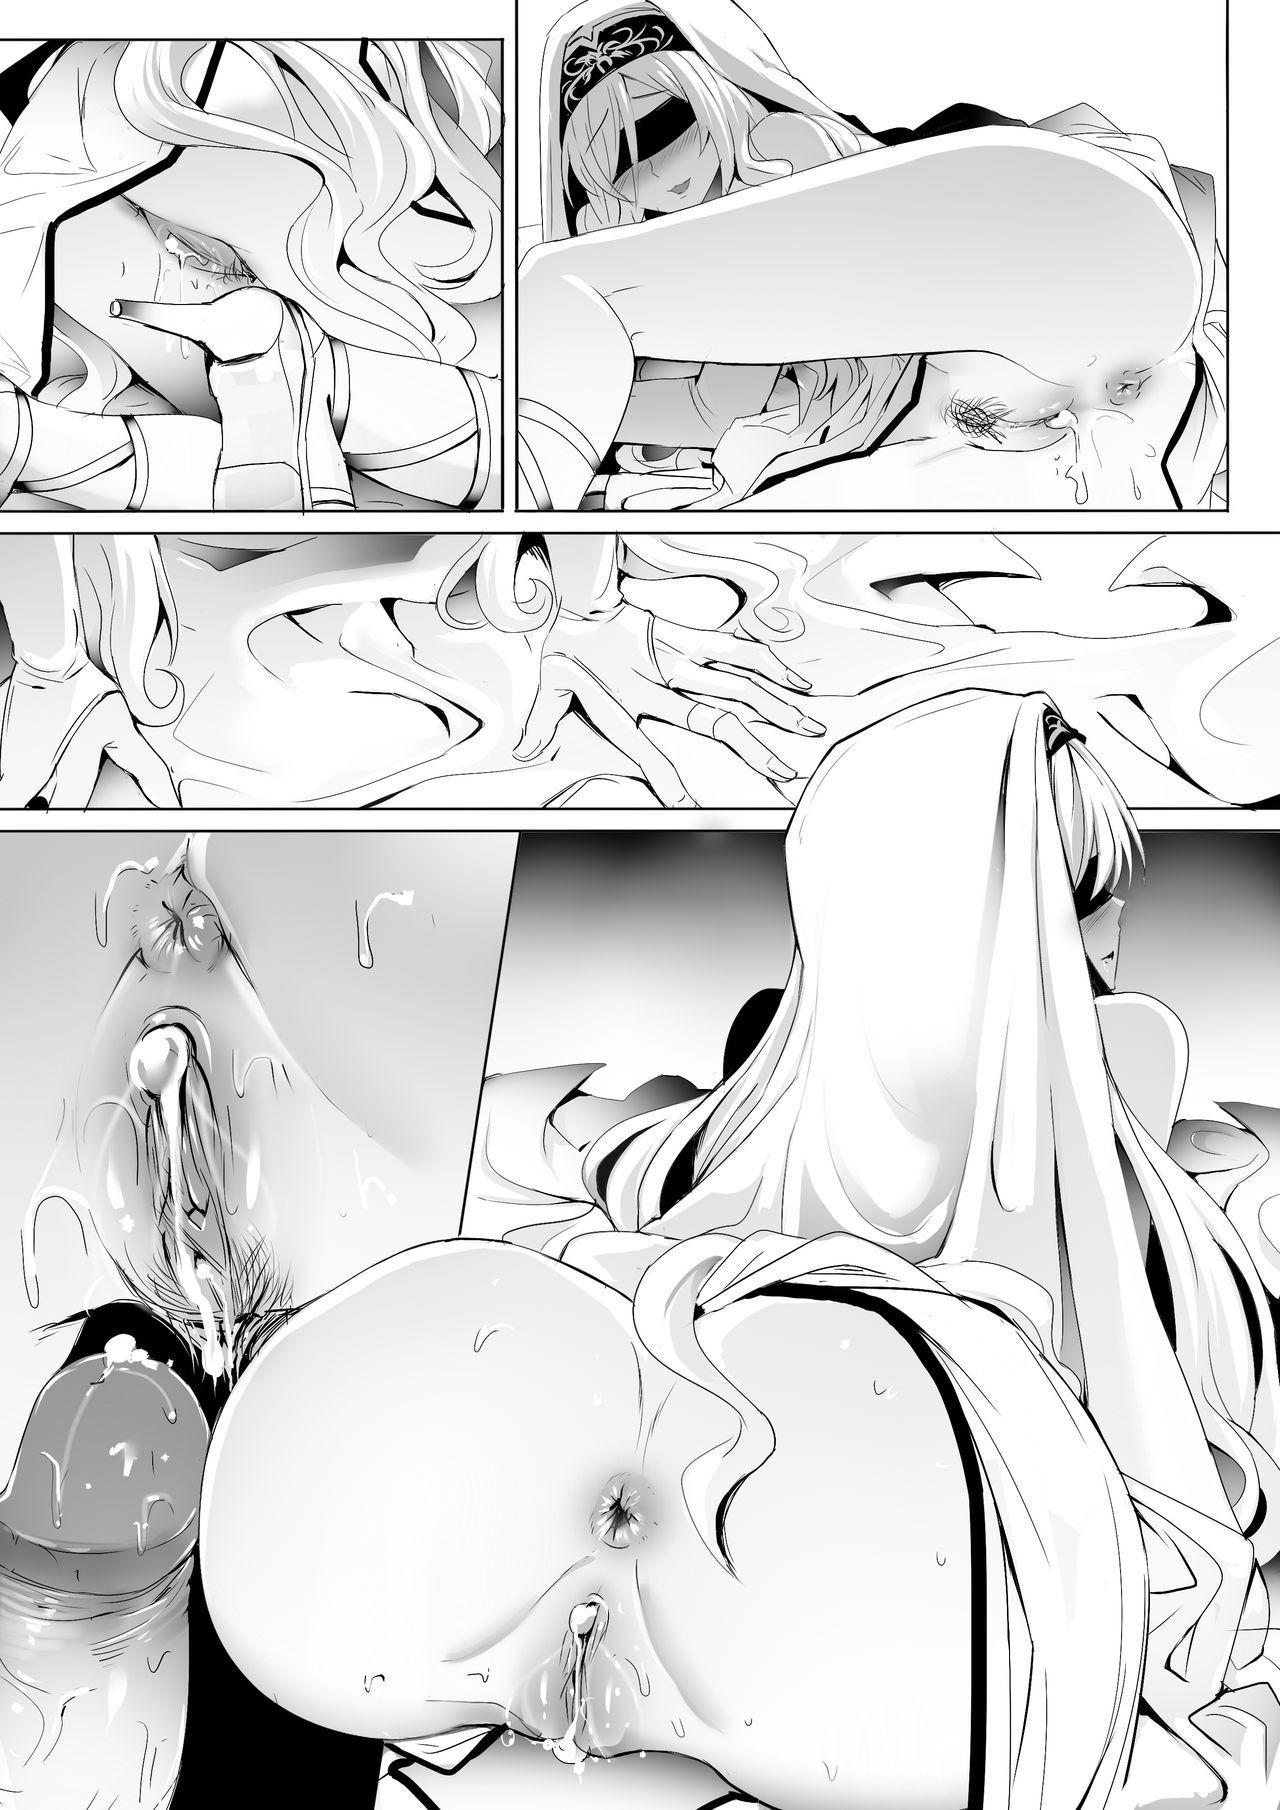 Sei no Daishikyou to Koware Yasui Otome 20